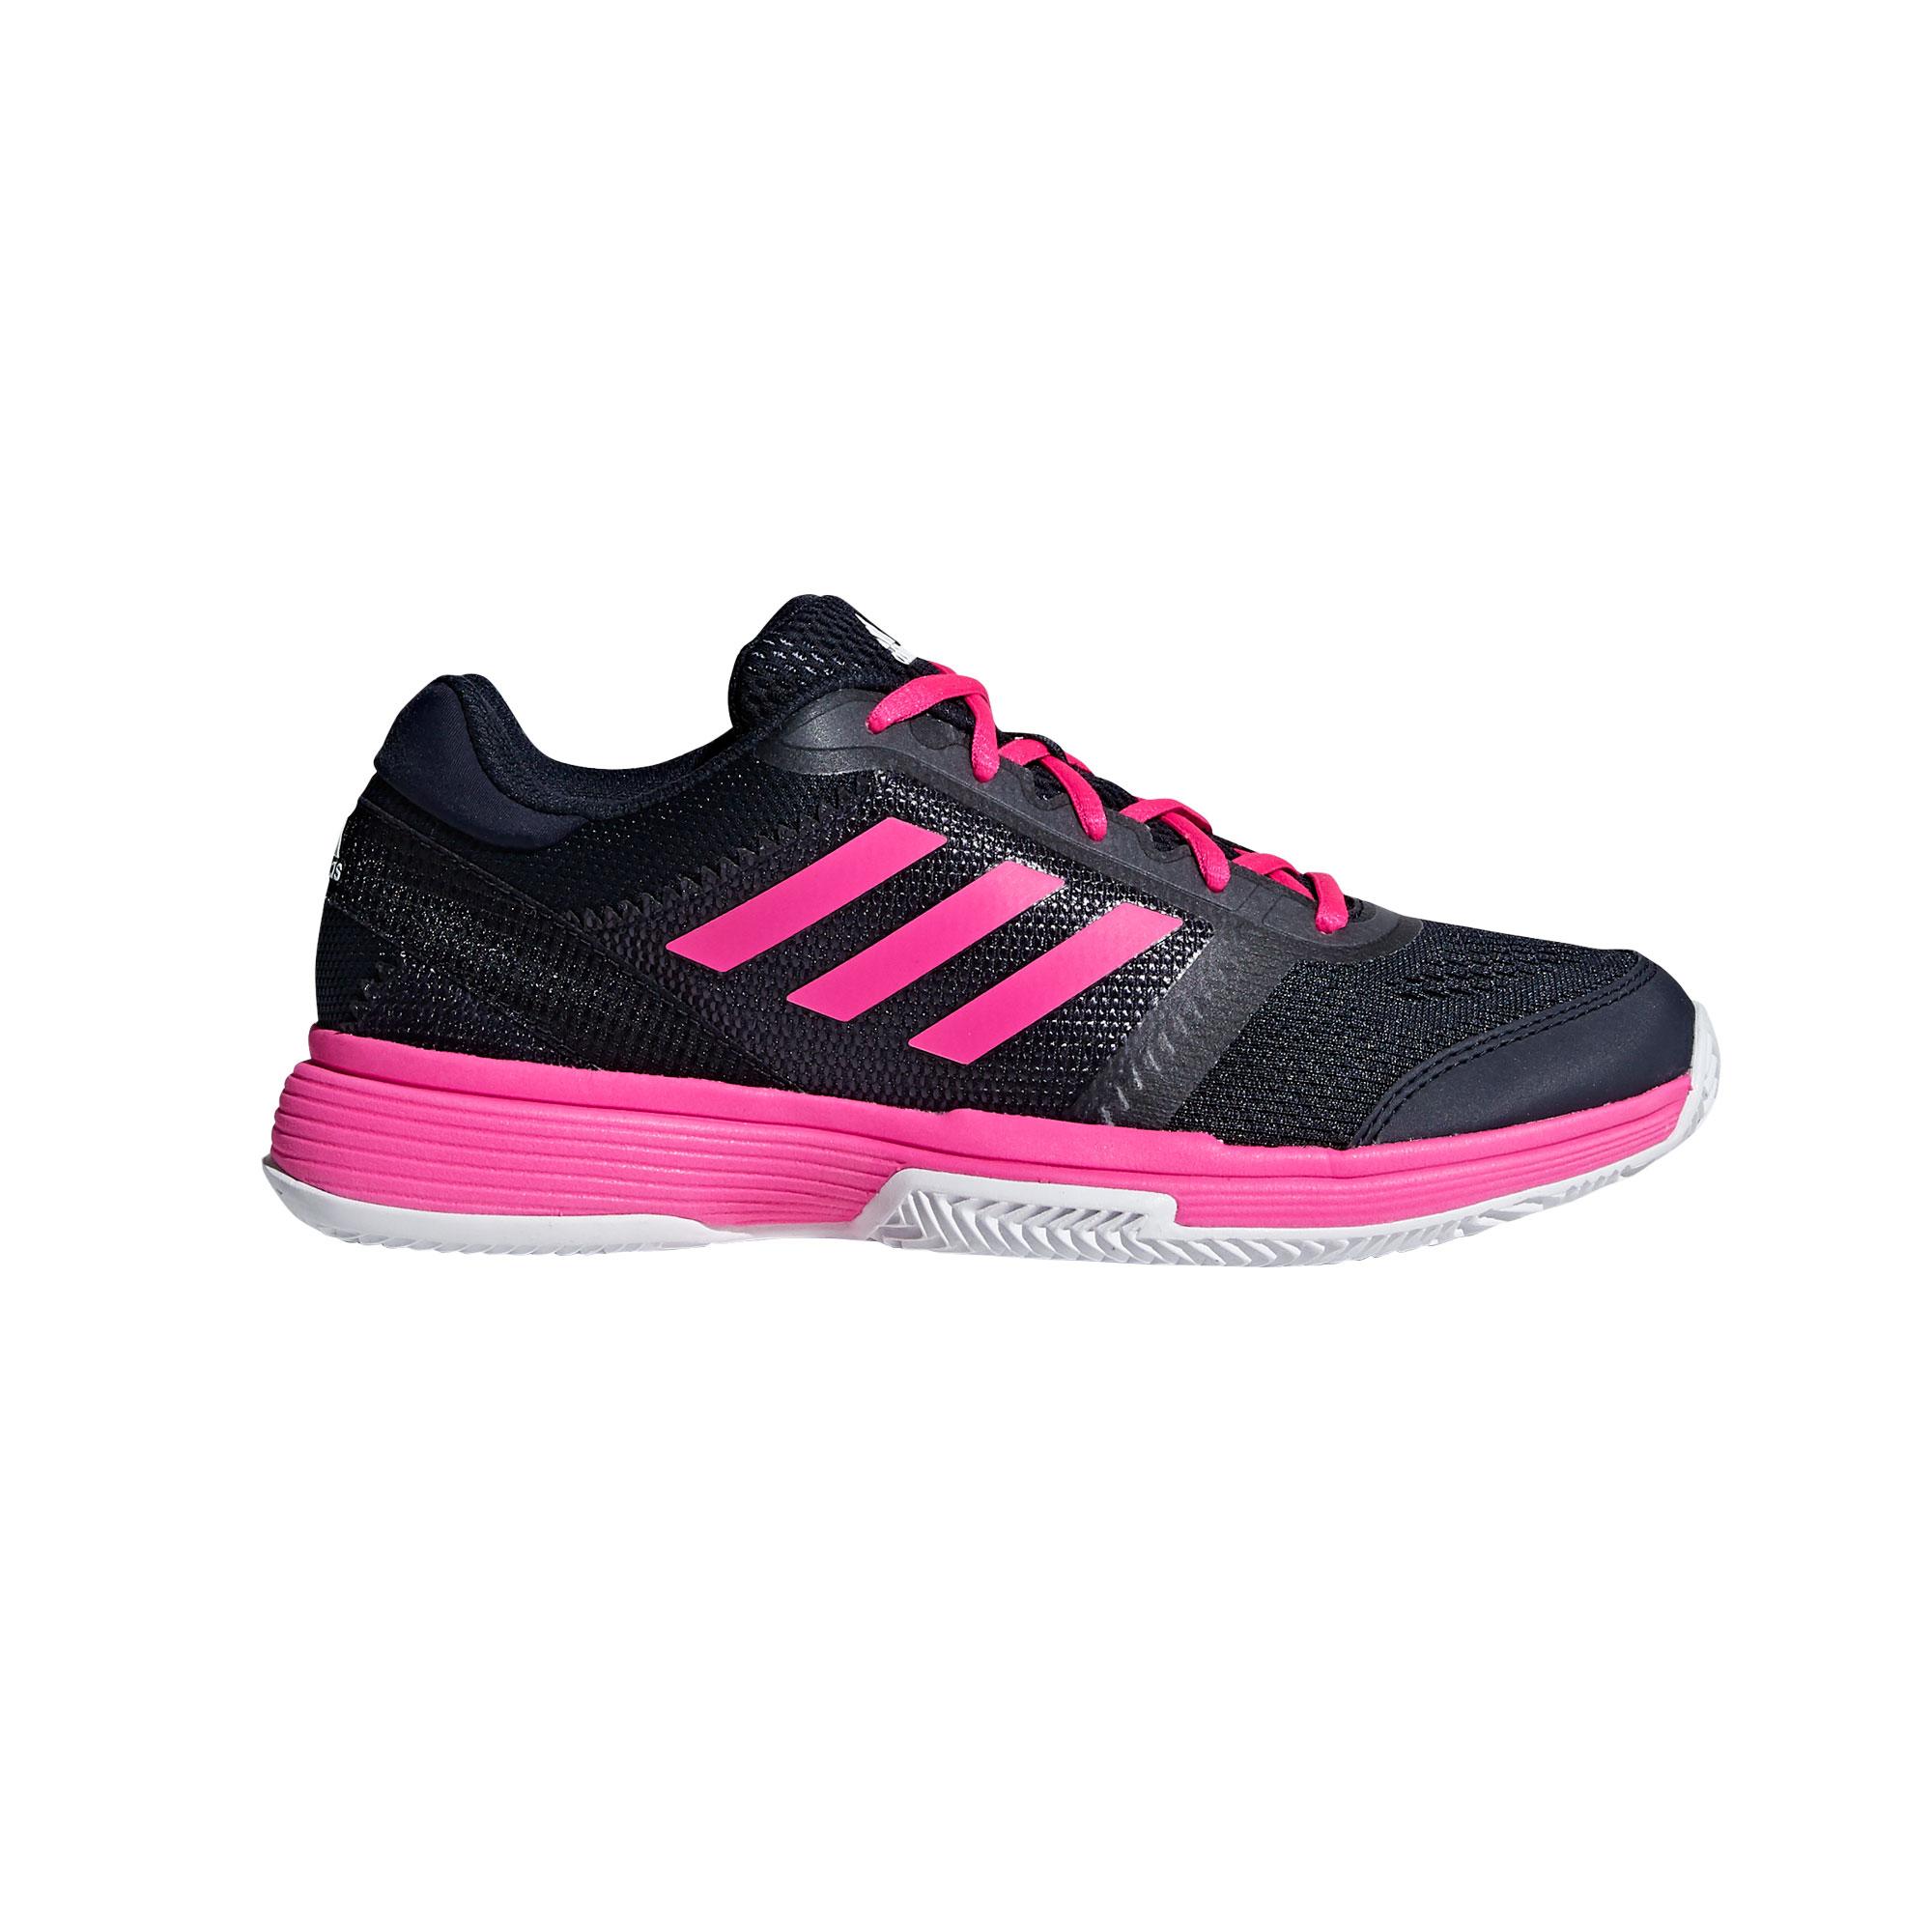 Afbeelding van Adidas Barricade Club Clay AH2100 Tennisschoenen Dames Legend Ink Shock Pink